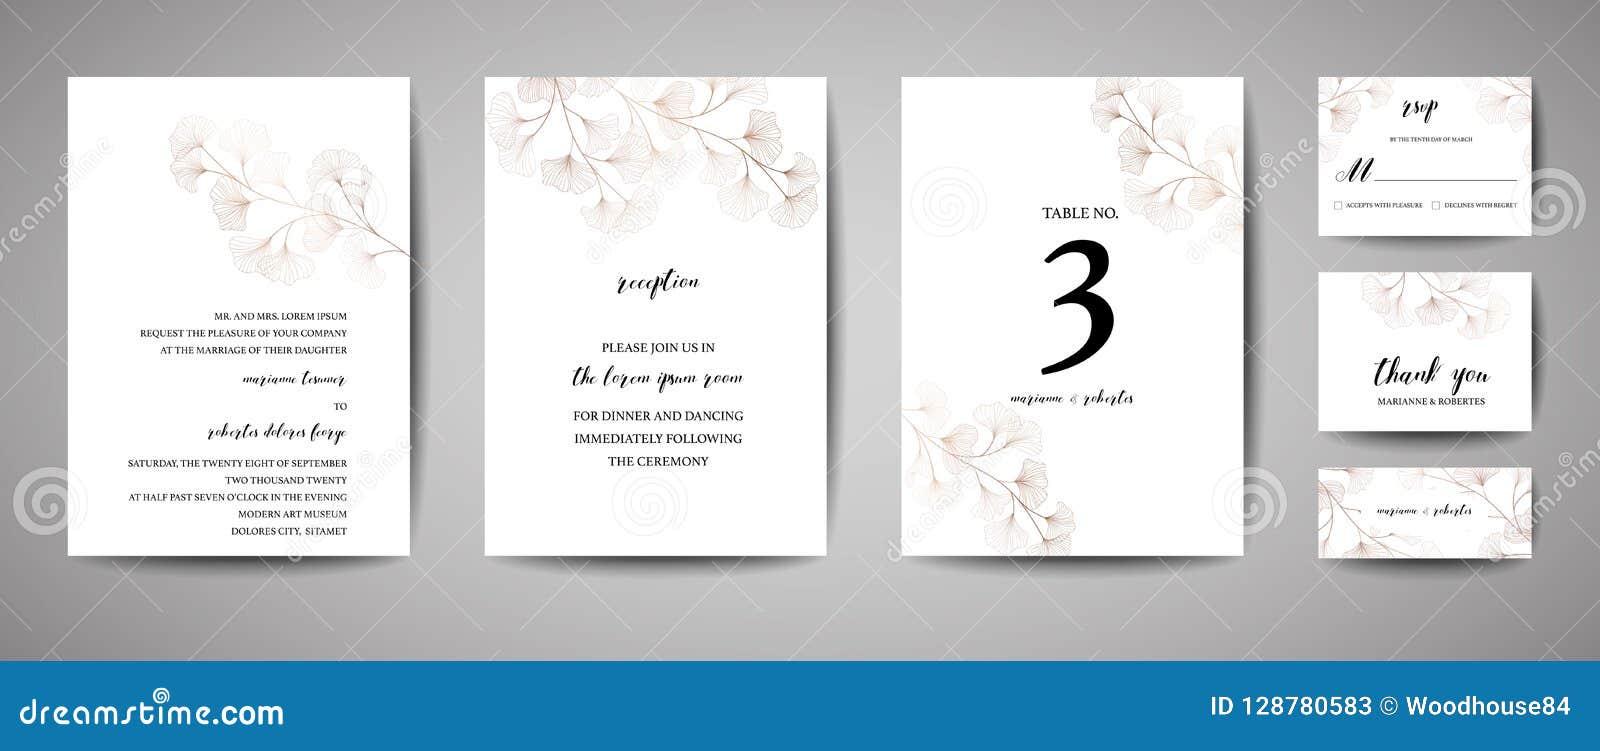 Die Hochzeits-Einladung, mit Blumen laden danken Ihnen, rsvp modernem Karte Design im kupfernen Ginkgo ein, den biloba Niederlass